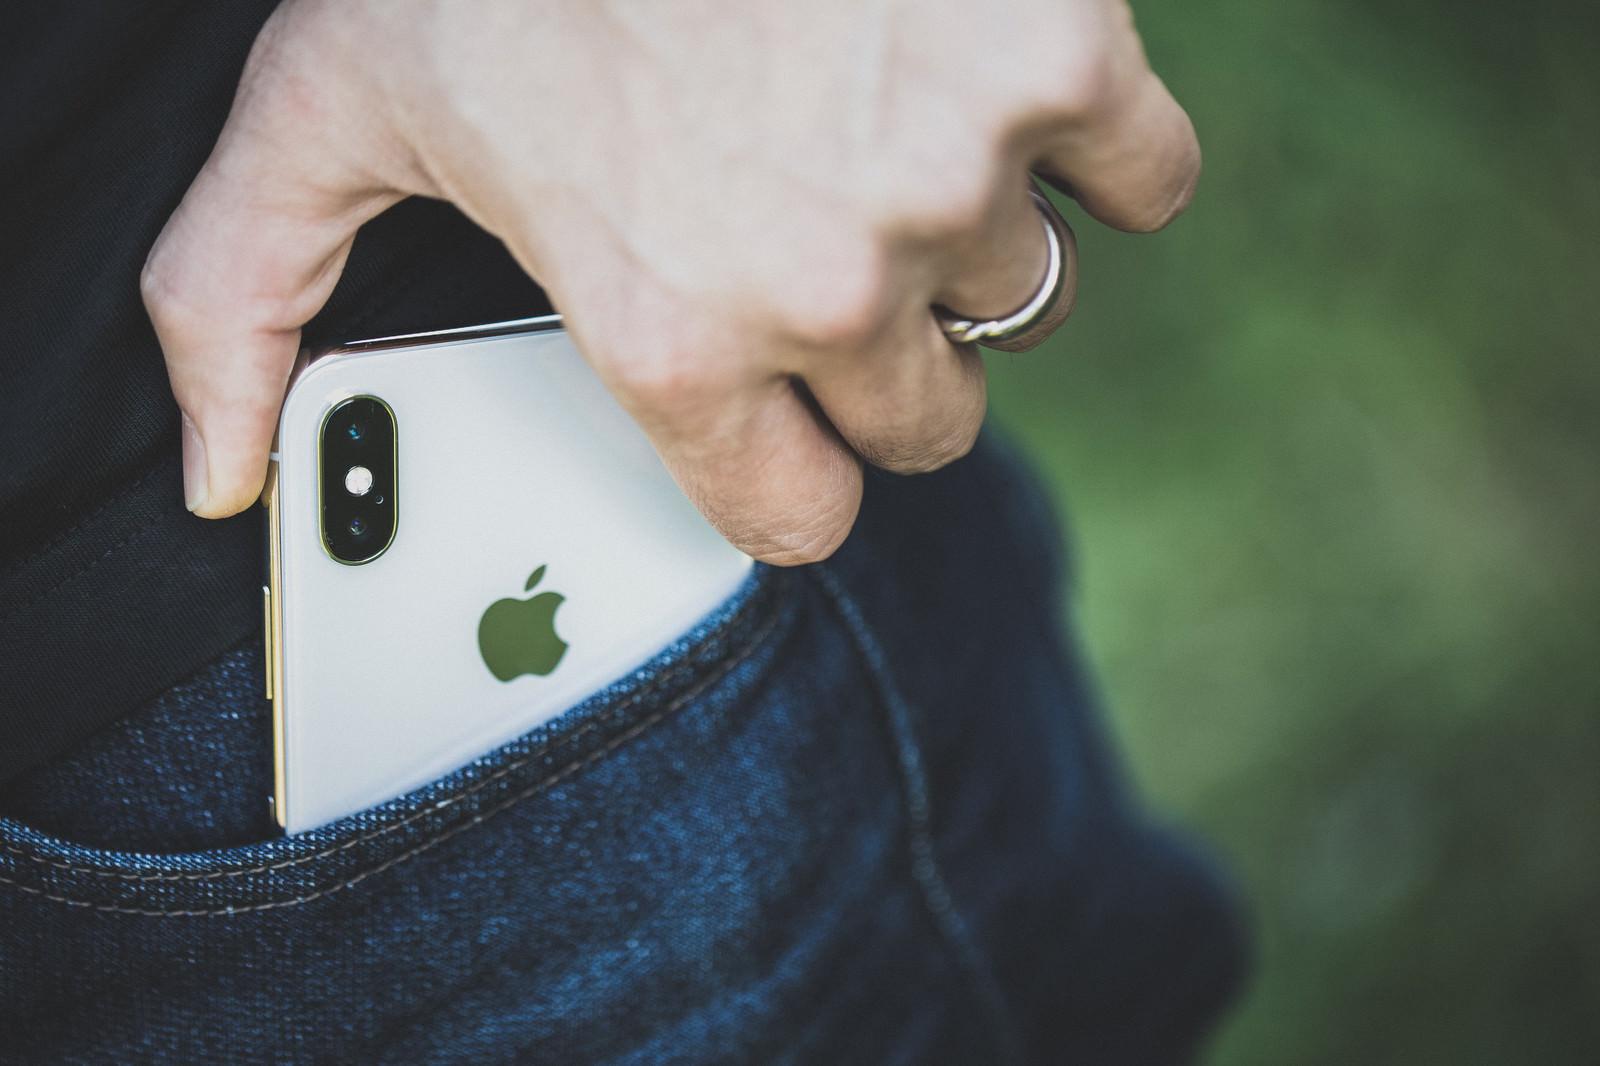 「ポケットから iPhone X を取り出す男性の手」の写真